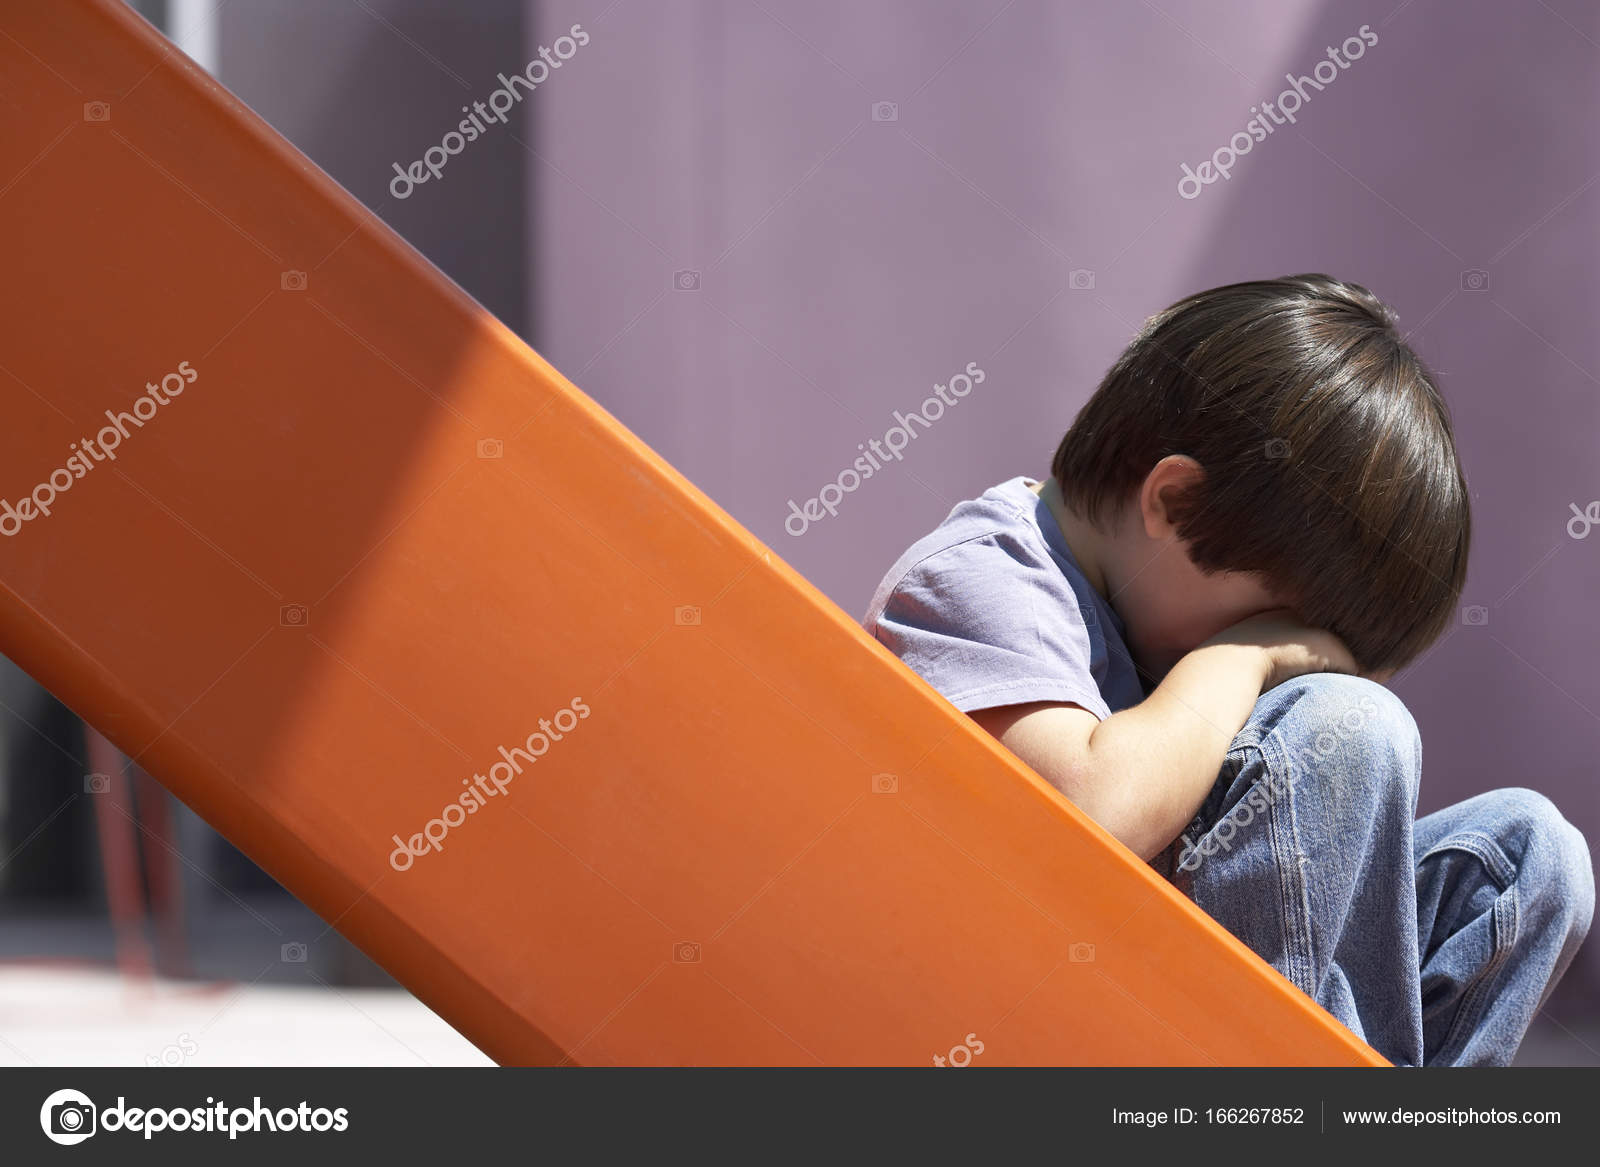 Muchacho triste sentado en la parte inferior de la diapositiva naranja en patio de la cabeza en las manos llorando perfil fotos perfil sad boy foto